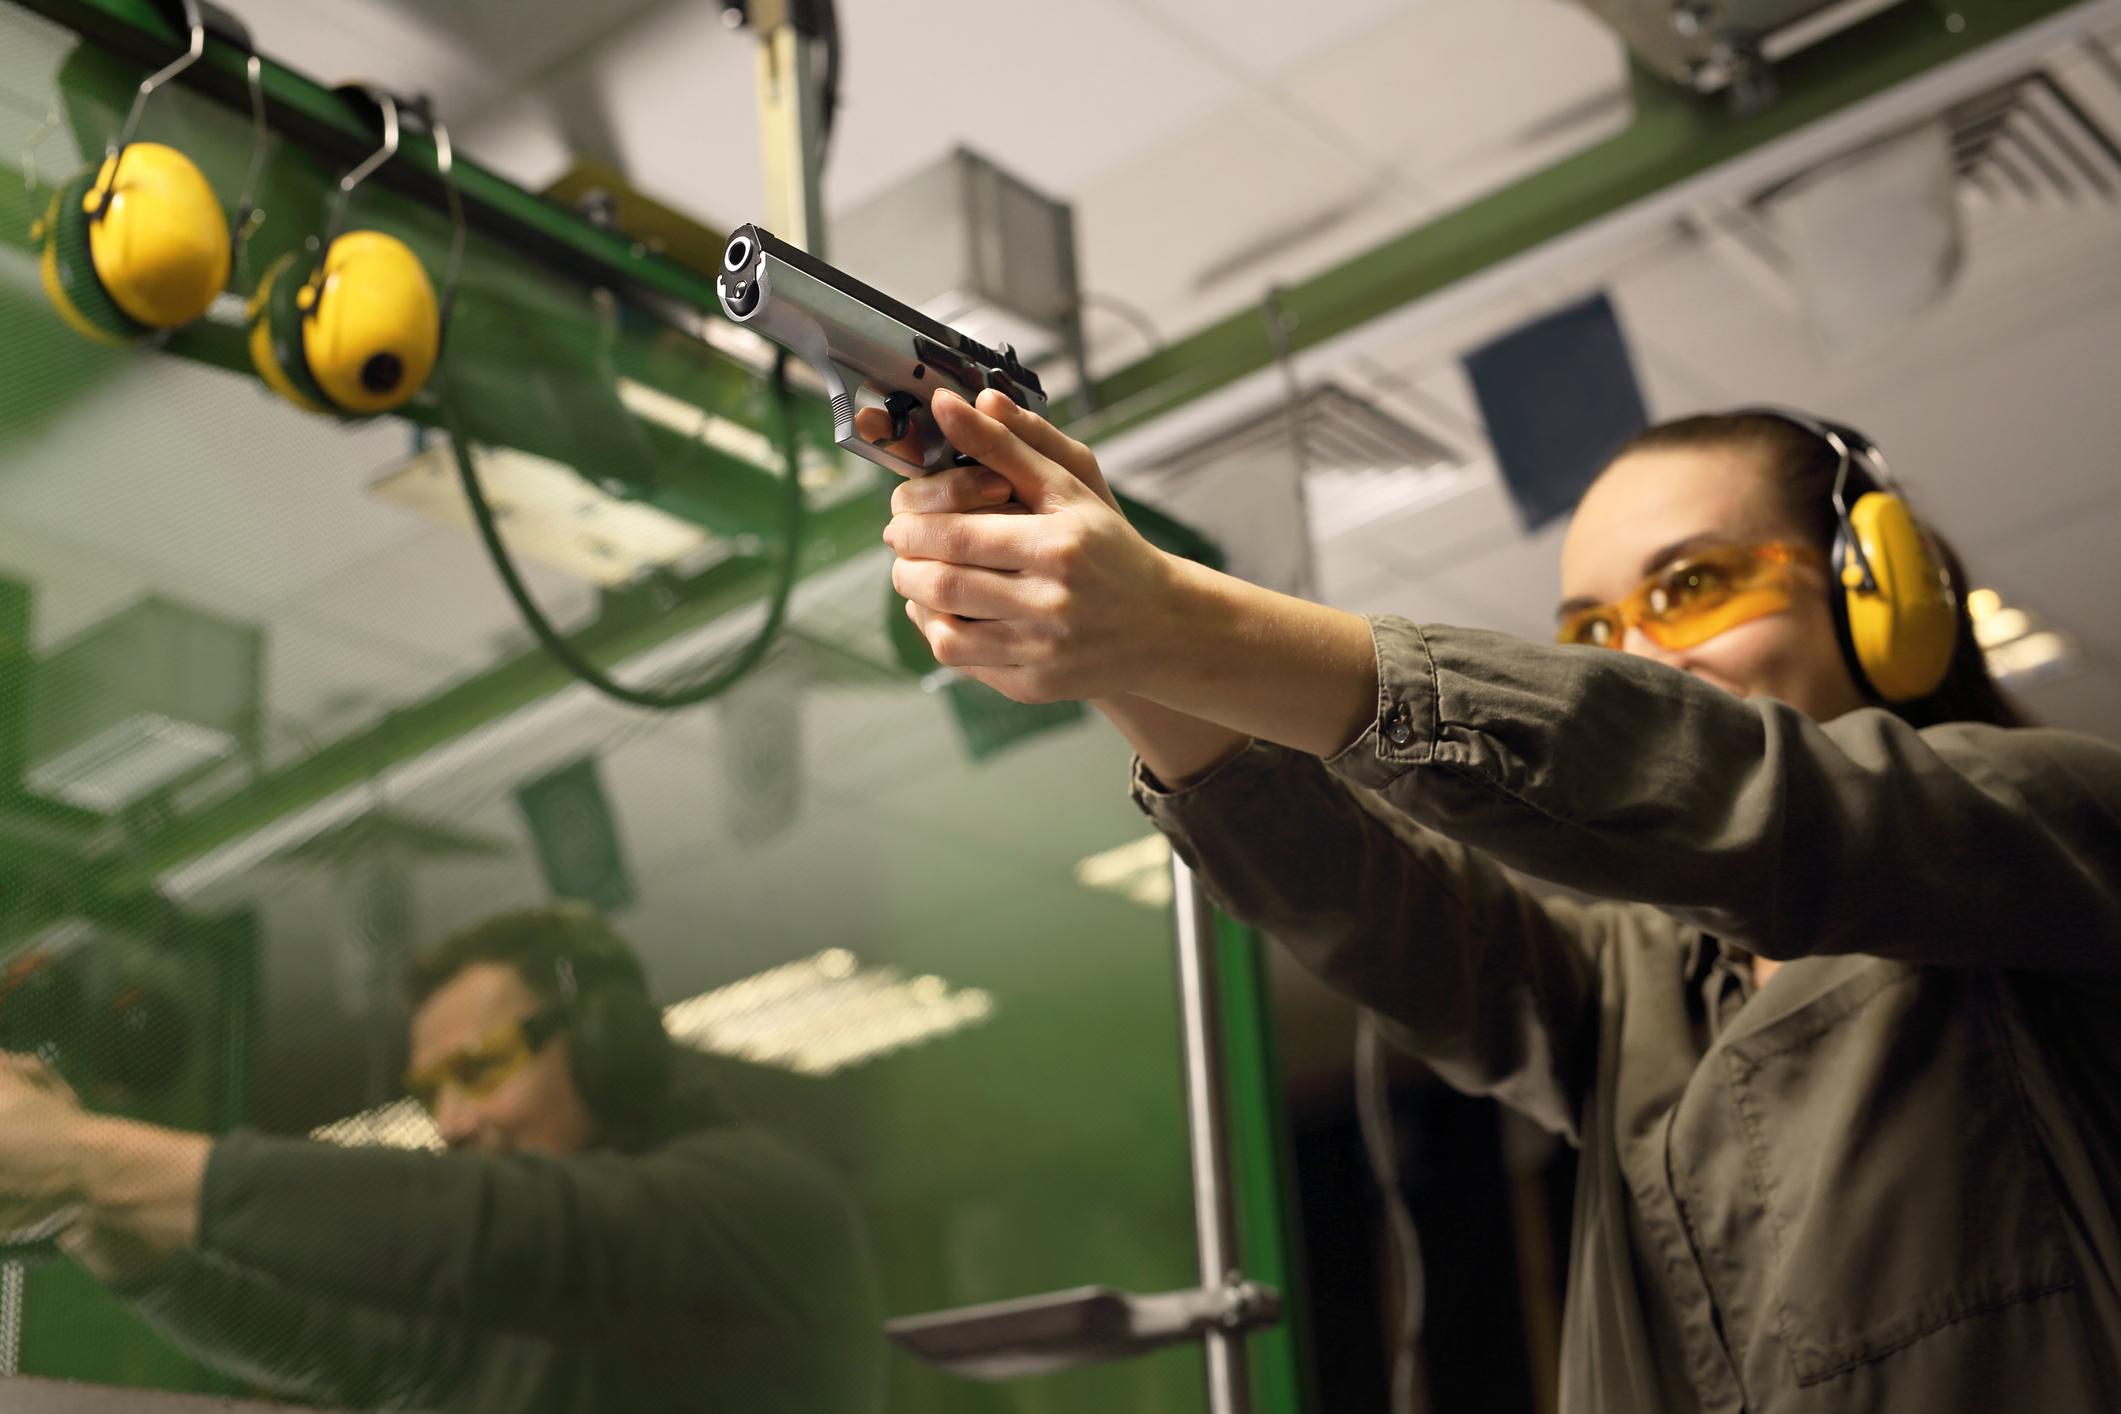 Woman training with a firearm at a gun range